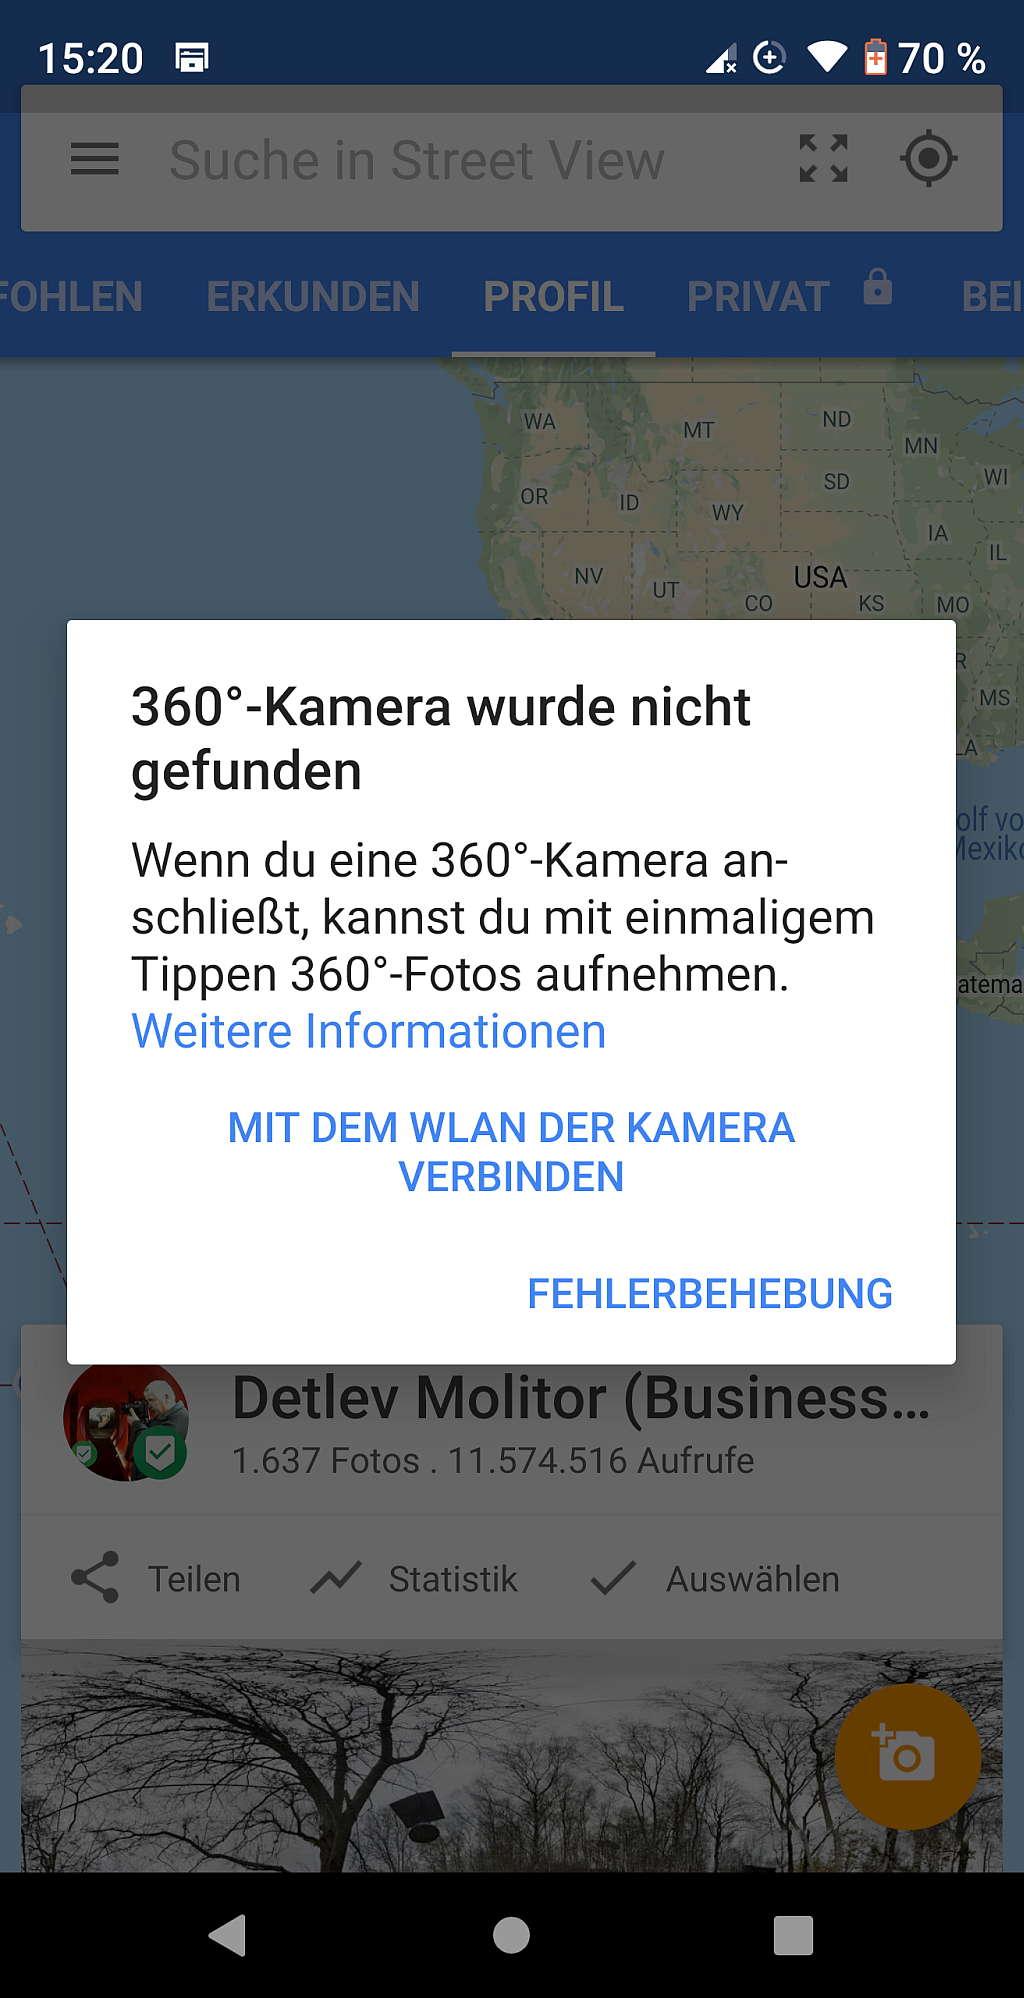 GSV App externe 360° Kamera verbinden